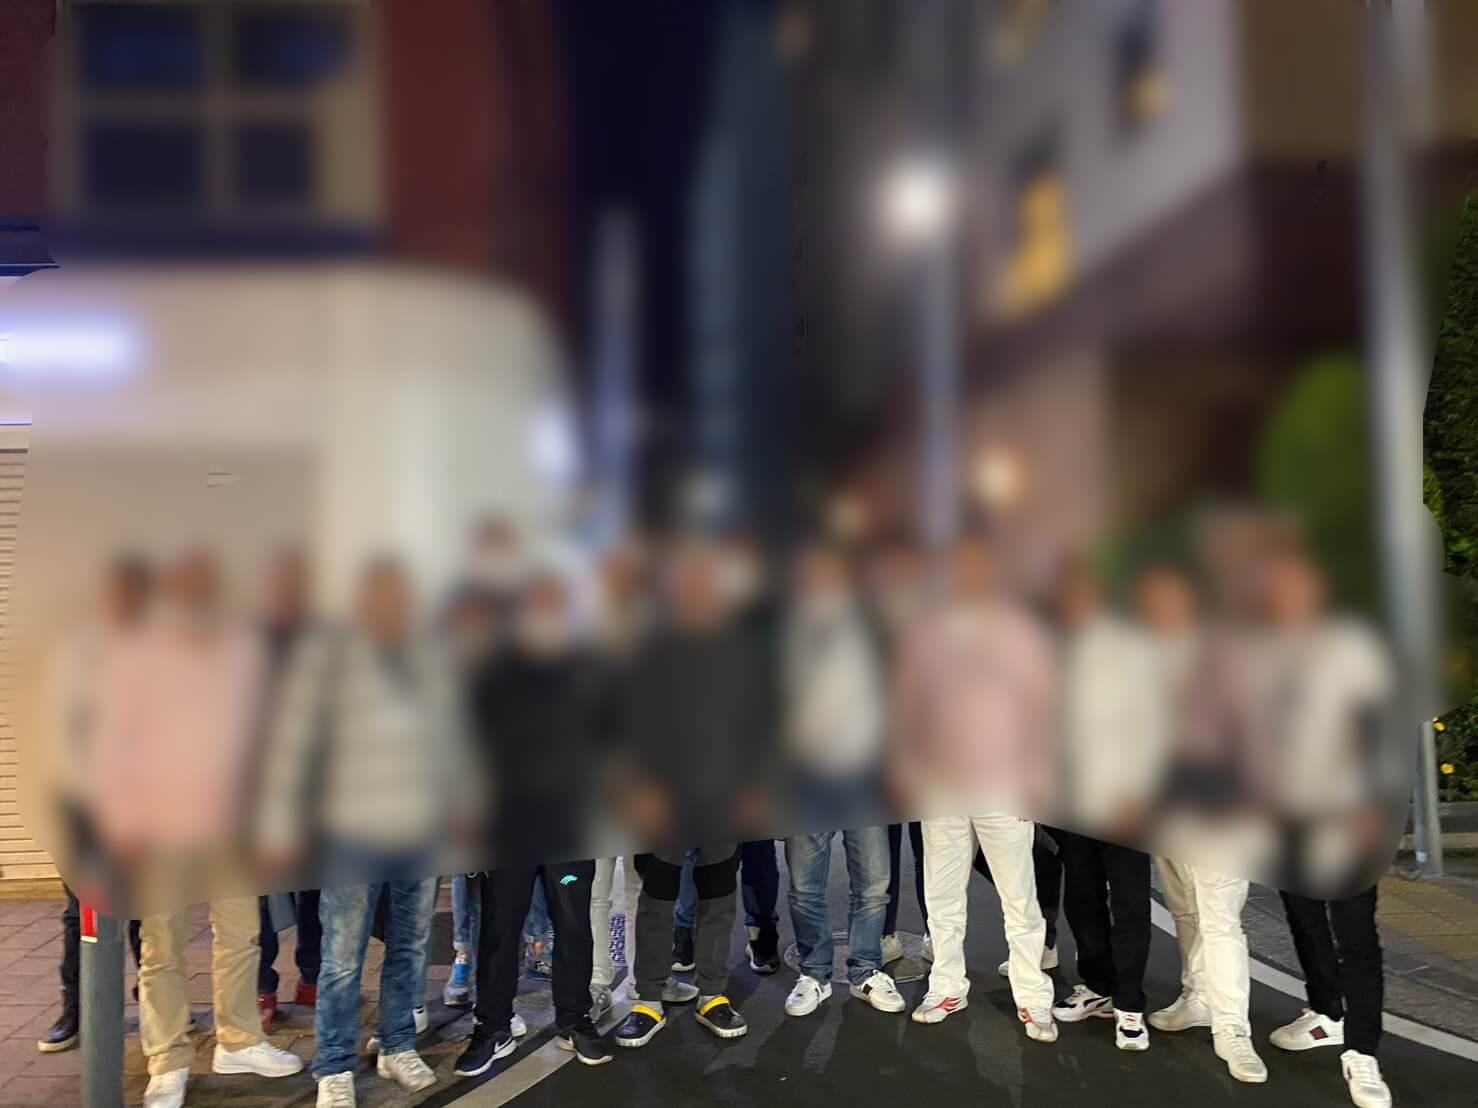 六代目山口組・司忍組長の動向が久々に伝えられる…三代目弘道会は急速 ...